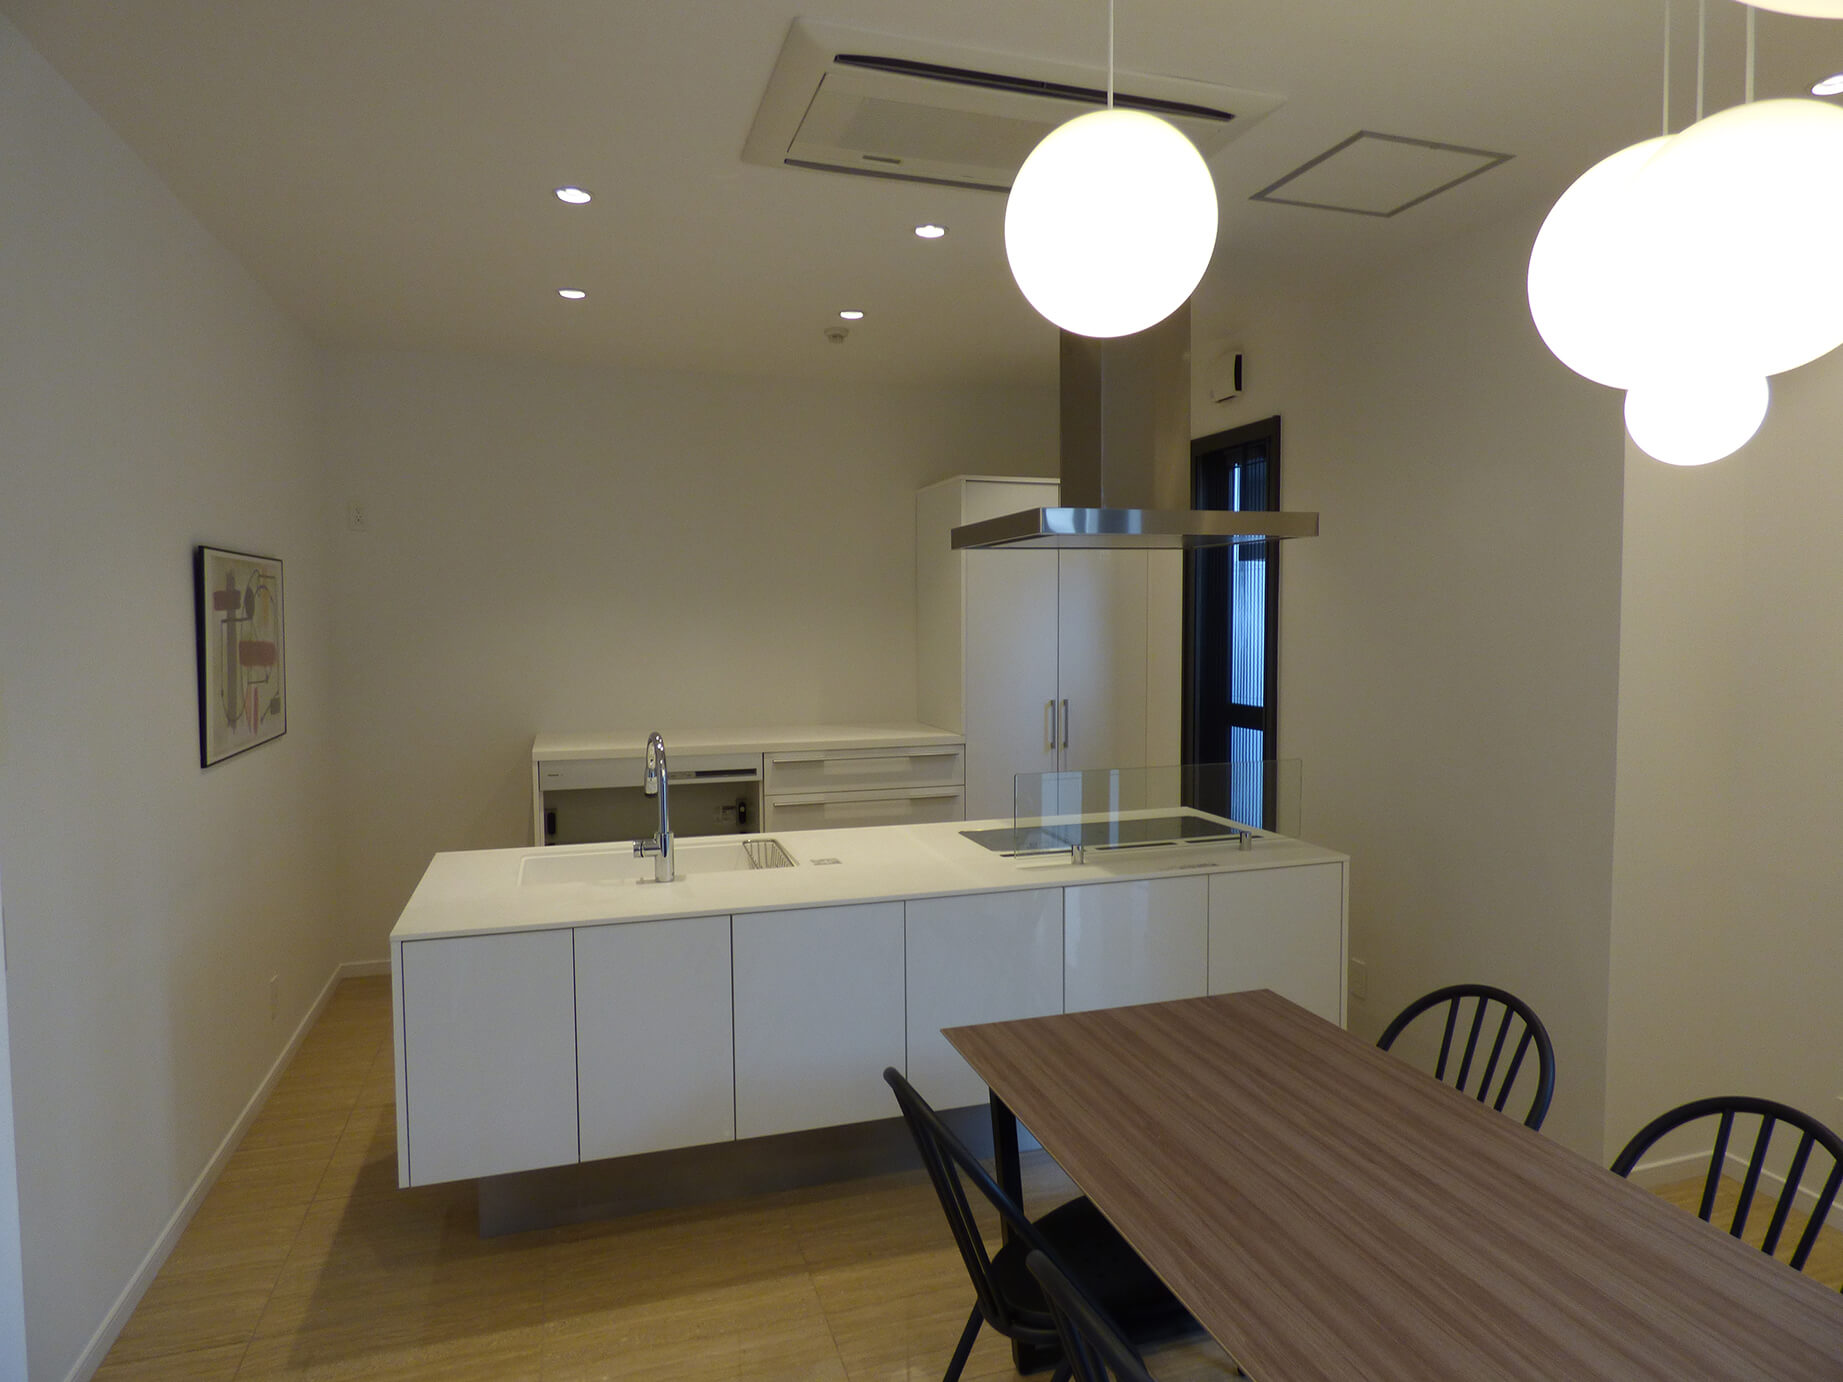 【内装付き/一棟貸】堺筋本町、約120坪。<br>キッチン・会議スペース・ビル命名権付き。